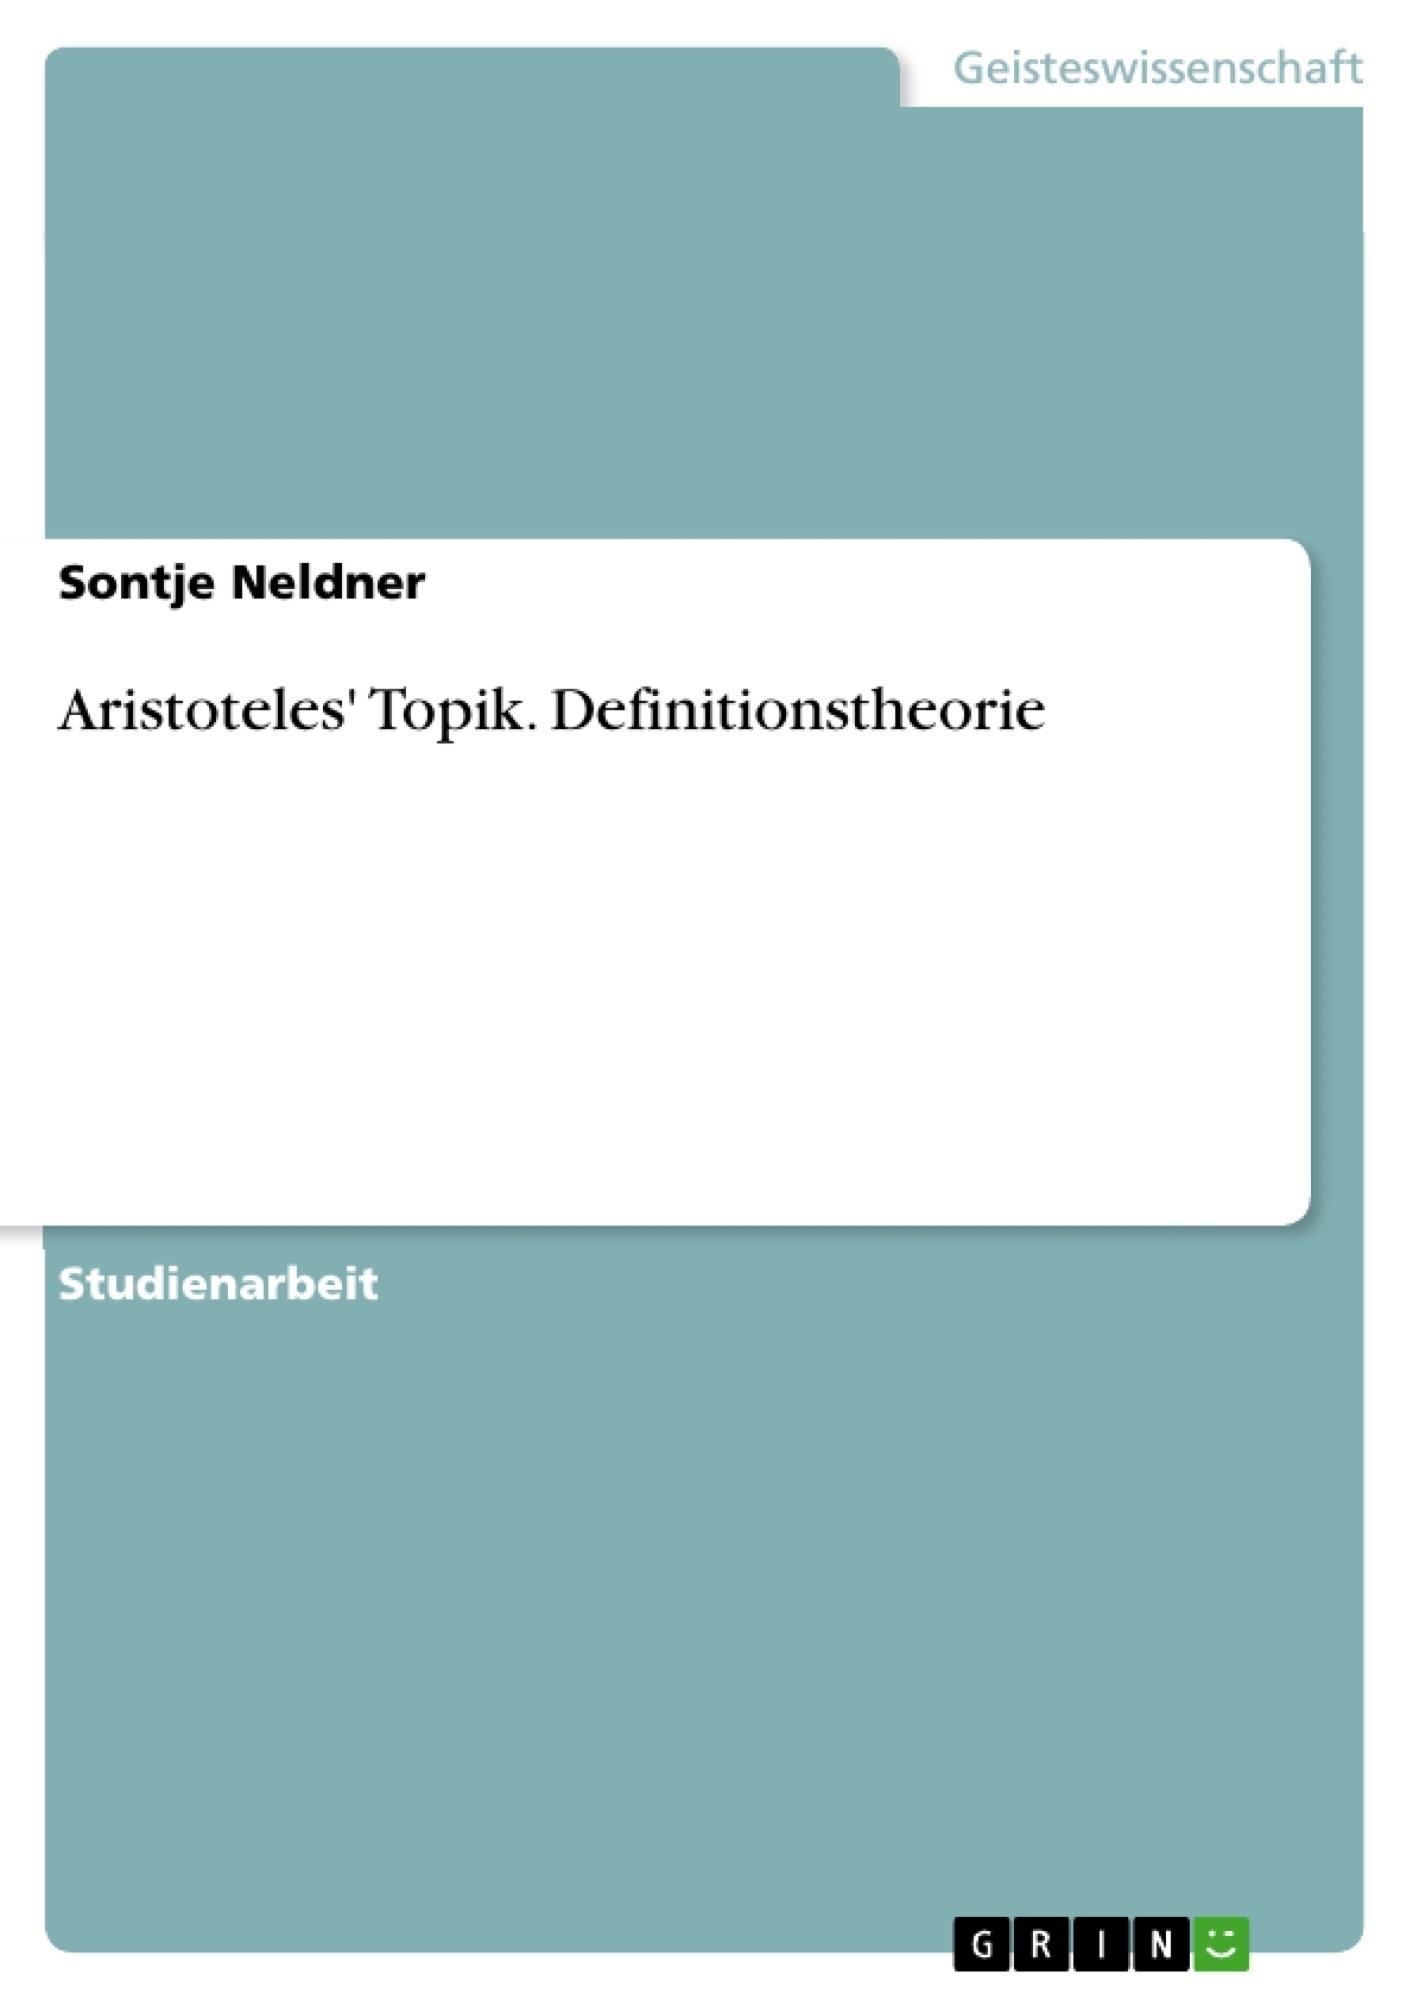 Titel: Aristoteles' Topik. Definitionstheorie